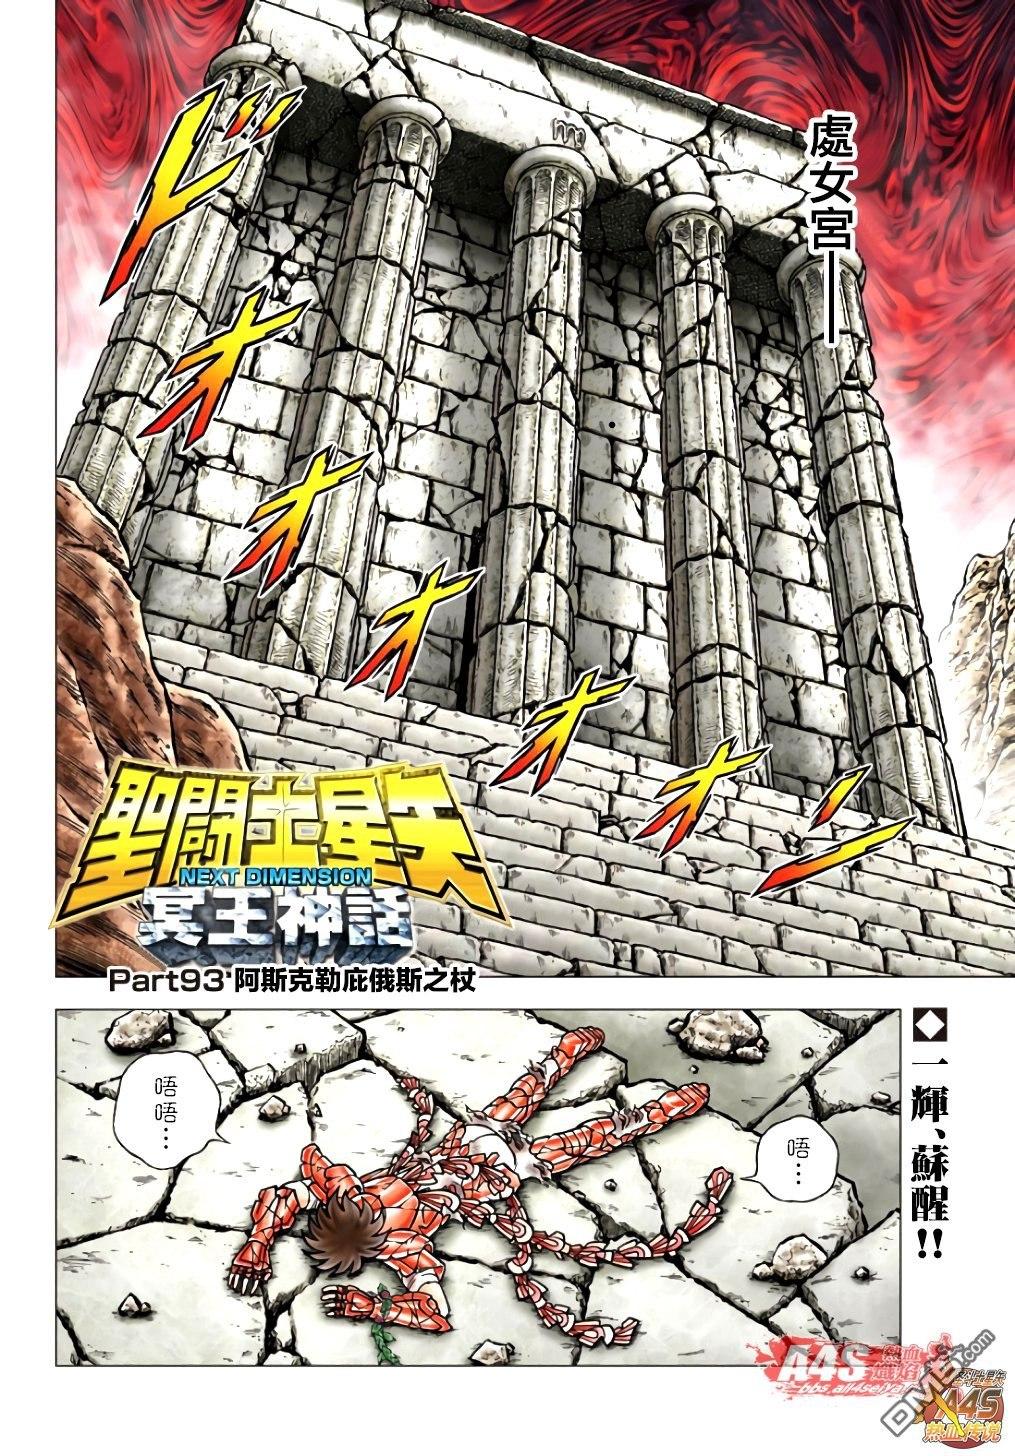 聖鬥士星矢冥王神話NEXT DIMENSION漫畫第93話 阿斯克勒庇俄斯之杖(第1頁)劇情-二次元動漫